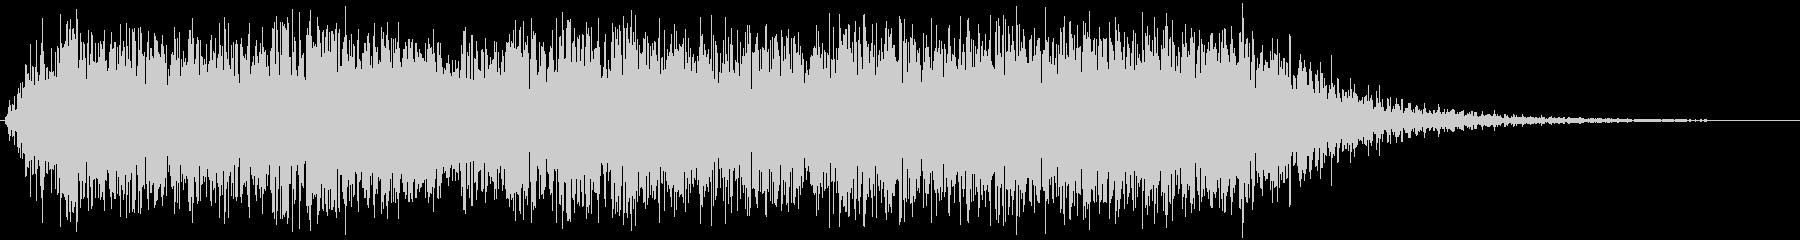 ジャイアントスチールドア:スライド...の未再生の波形